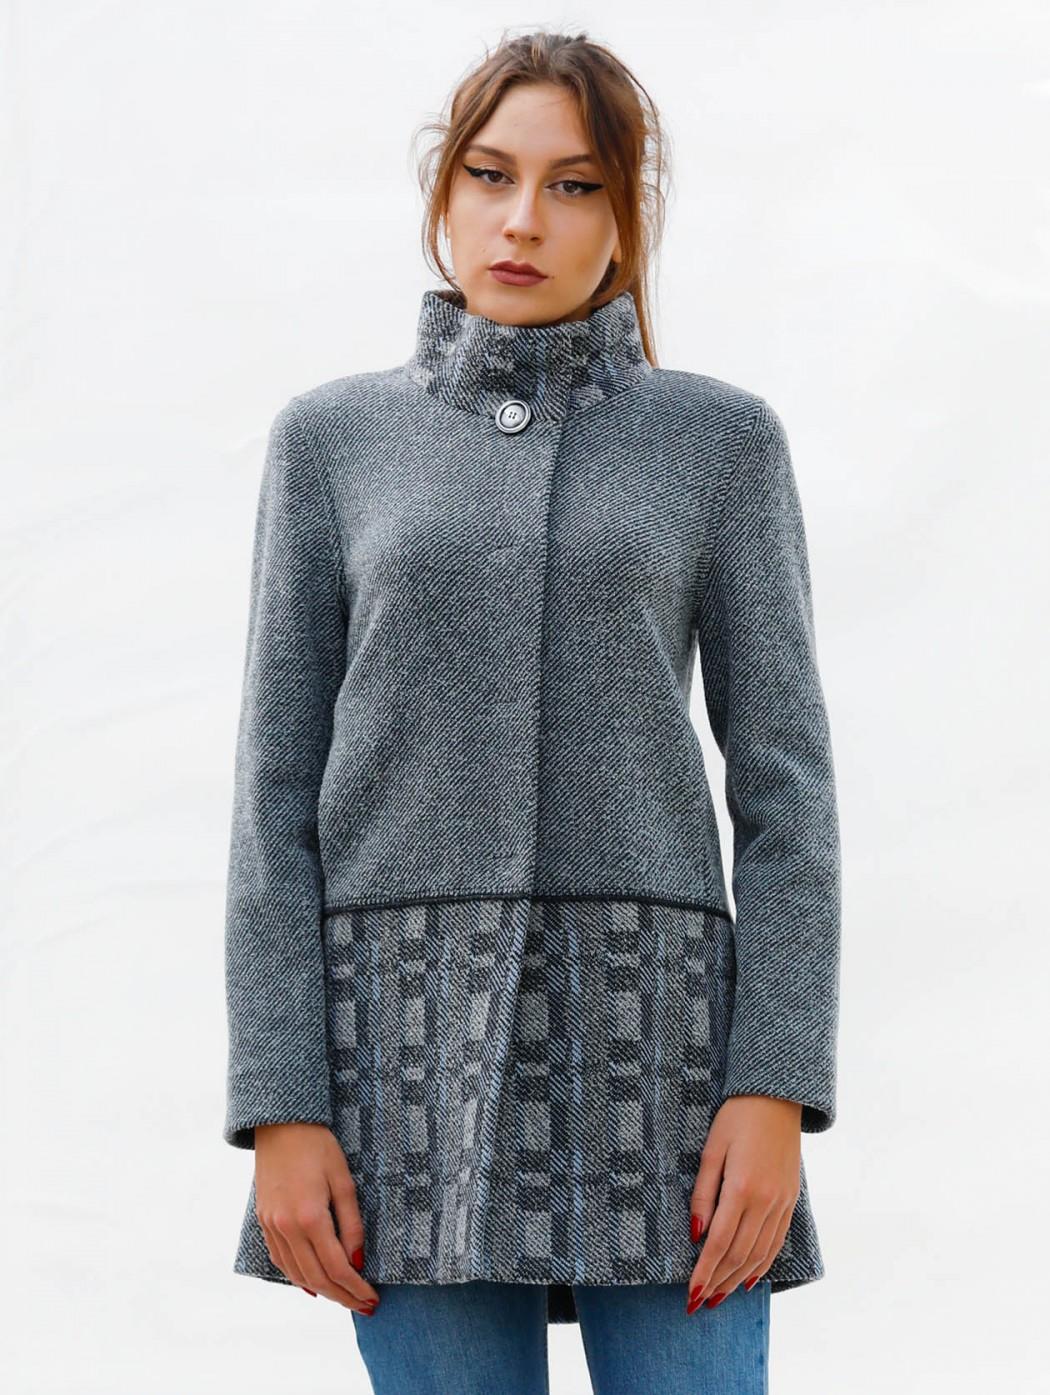 Aldo Colombo knitted wool...